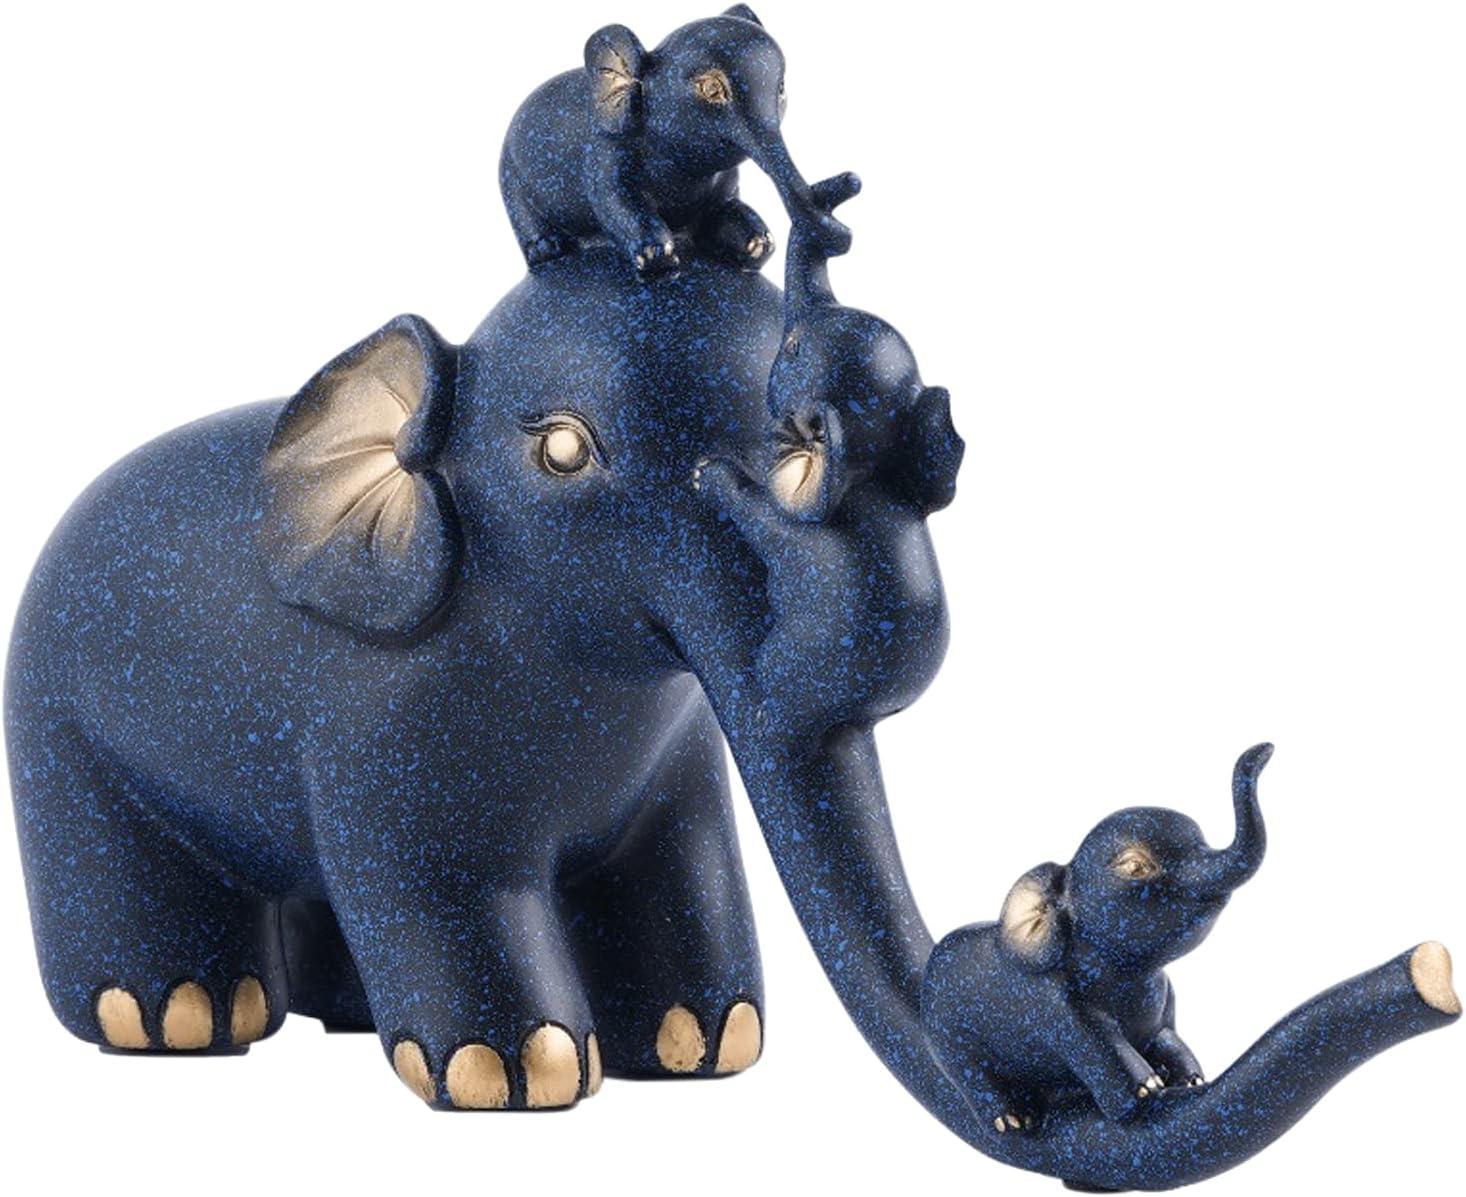 HomeZen Elegant Blue Elephant Decor, Elephant Statue, Elephant Figurines, Elephant Statues Home Decor, Elephant Decorations for Home, Elephants Home Decoration, Elephant Gifts for Women